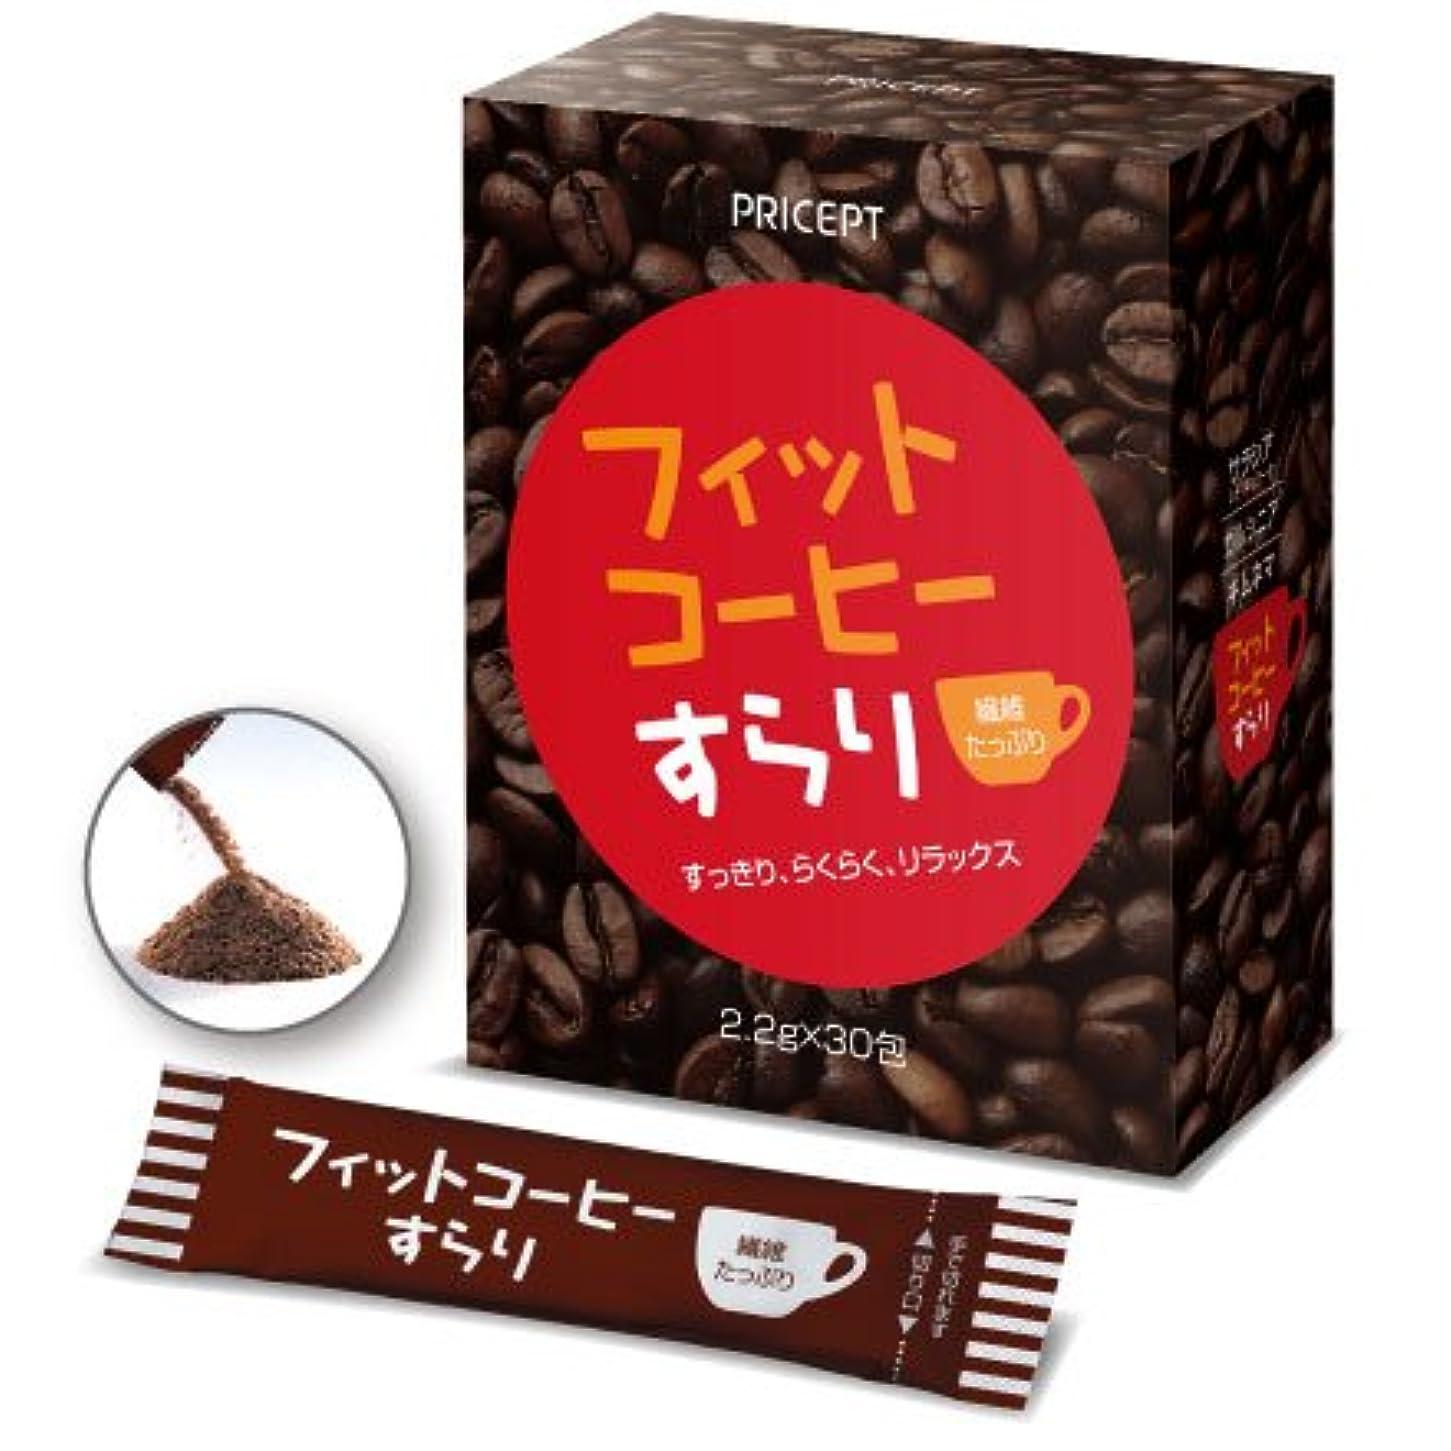 人生を作るポット宿題をするプリセプト フィットコーヒーすらり 30包【単品】(ダイエットサポートコーヒー)